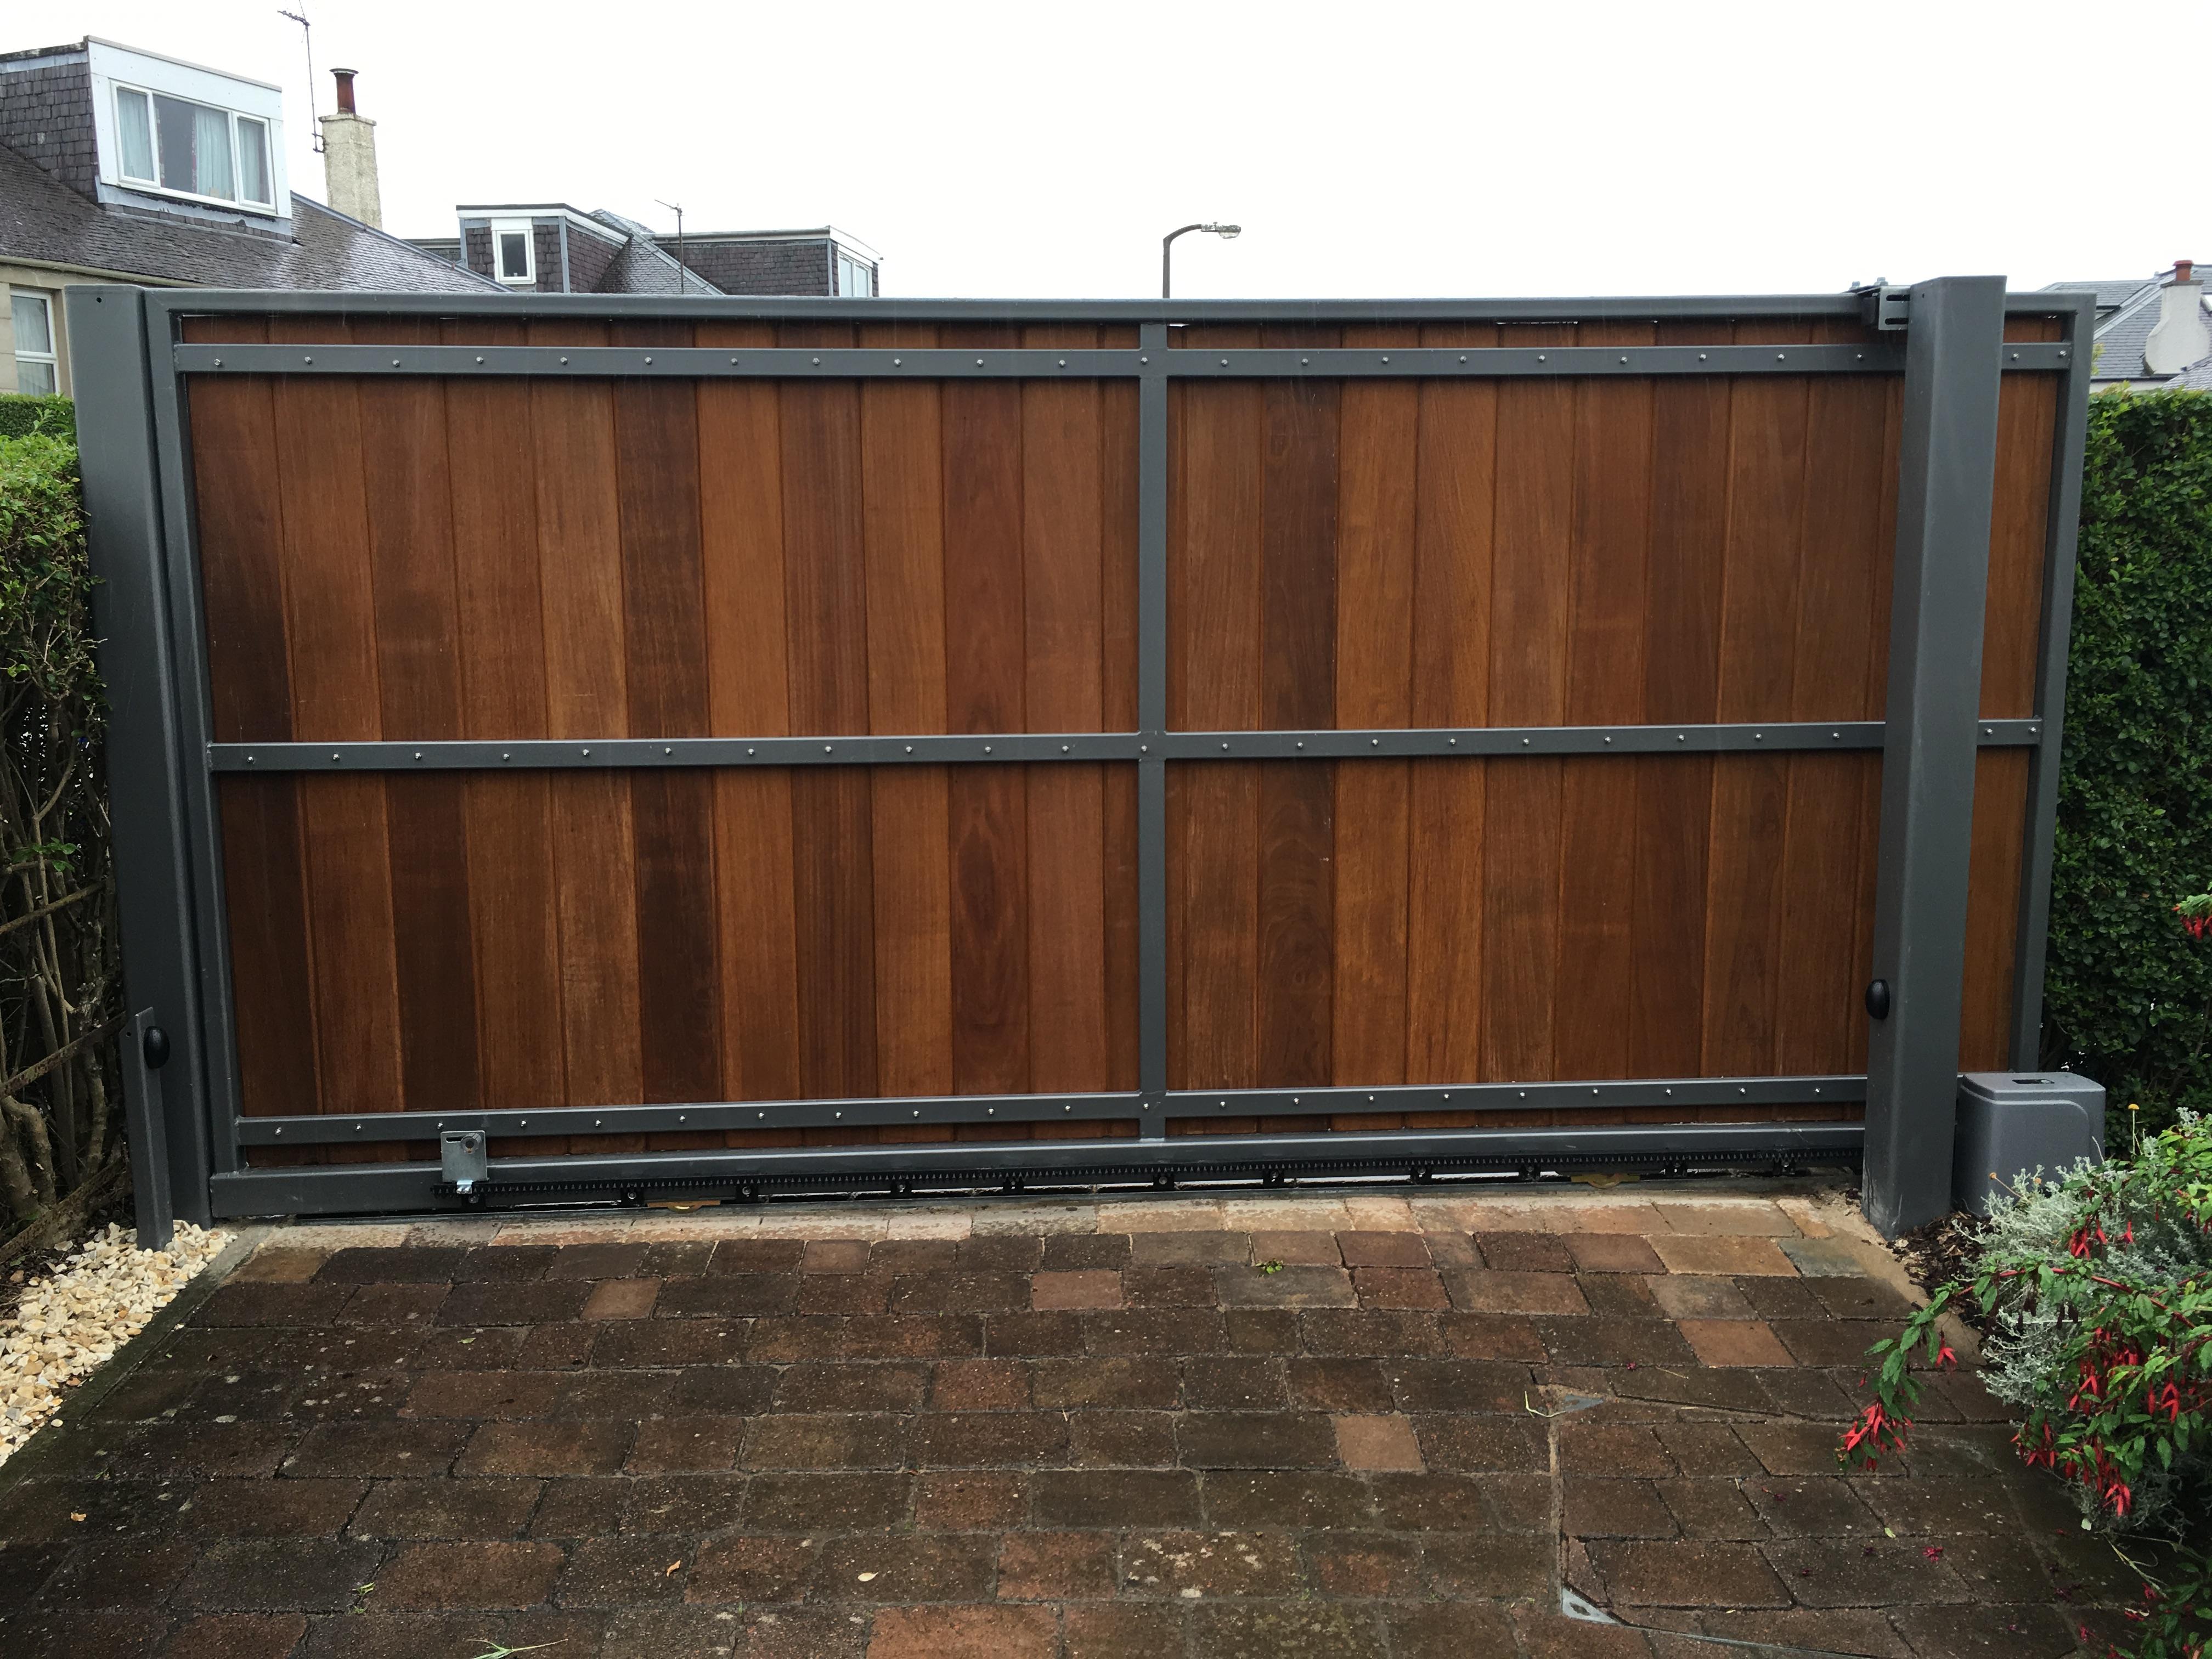 Ravelston Style Gate - Iroko Clad